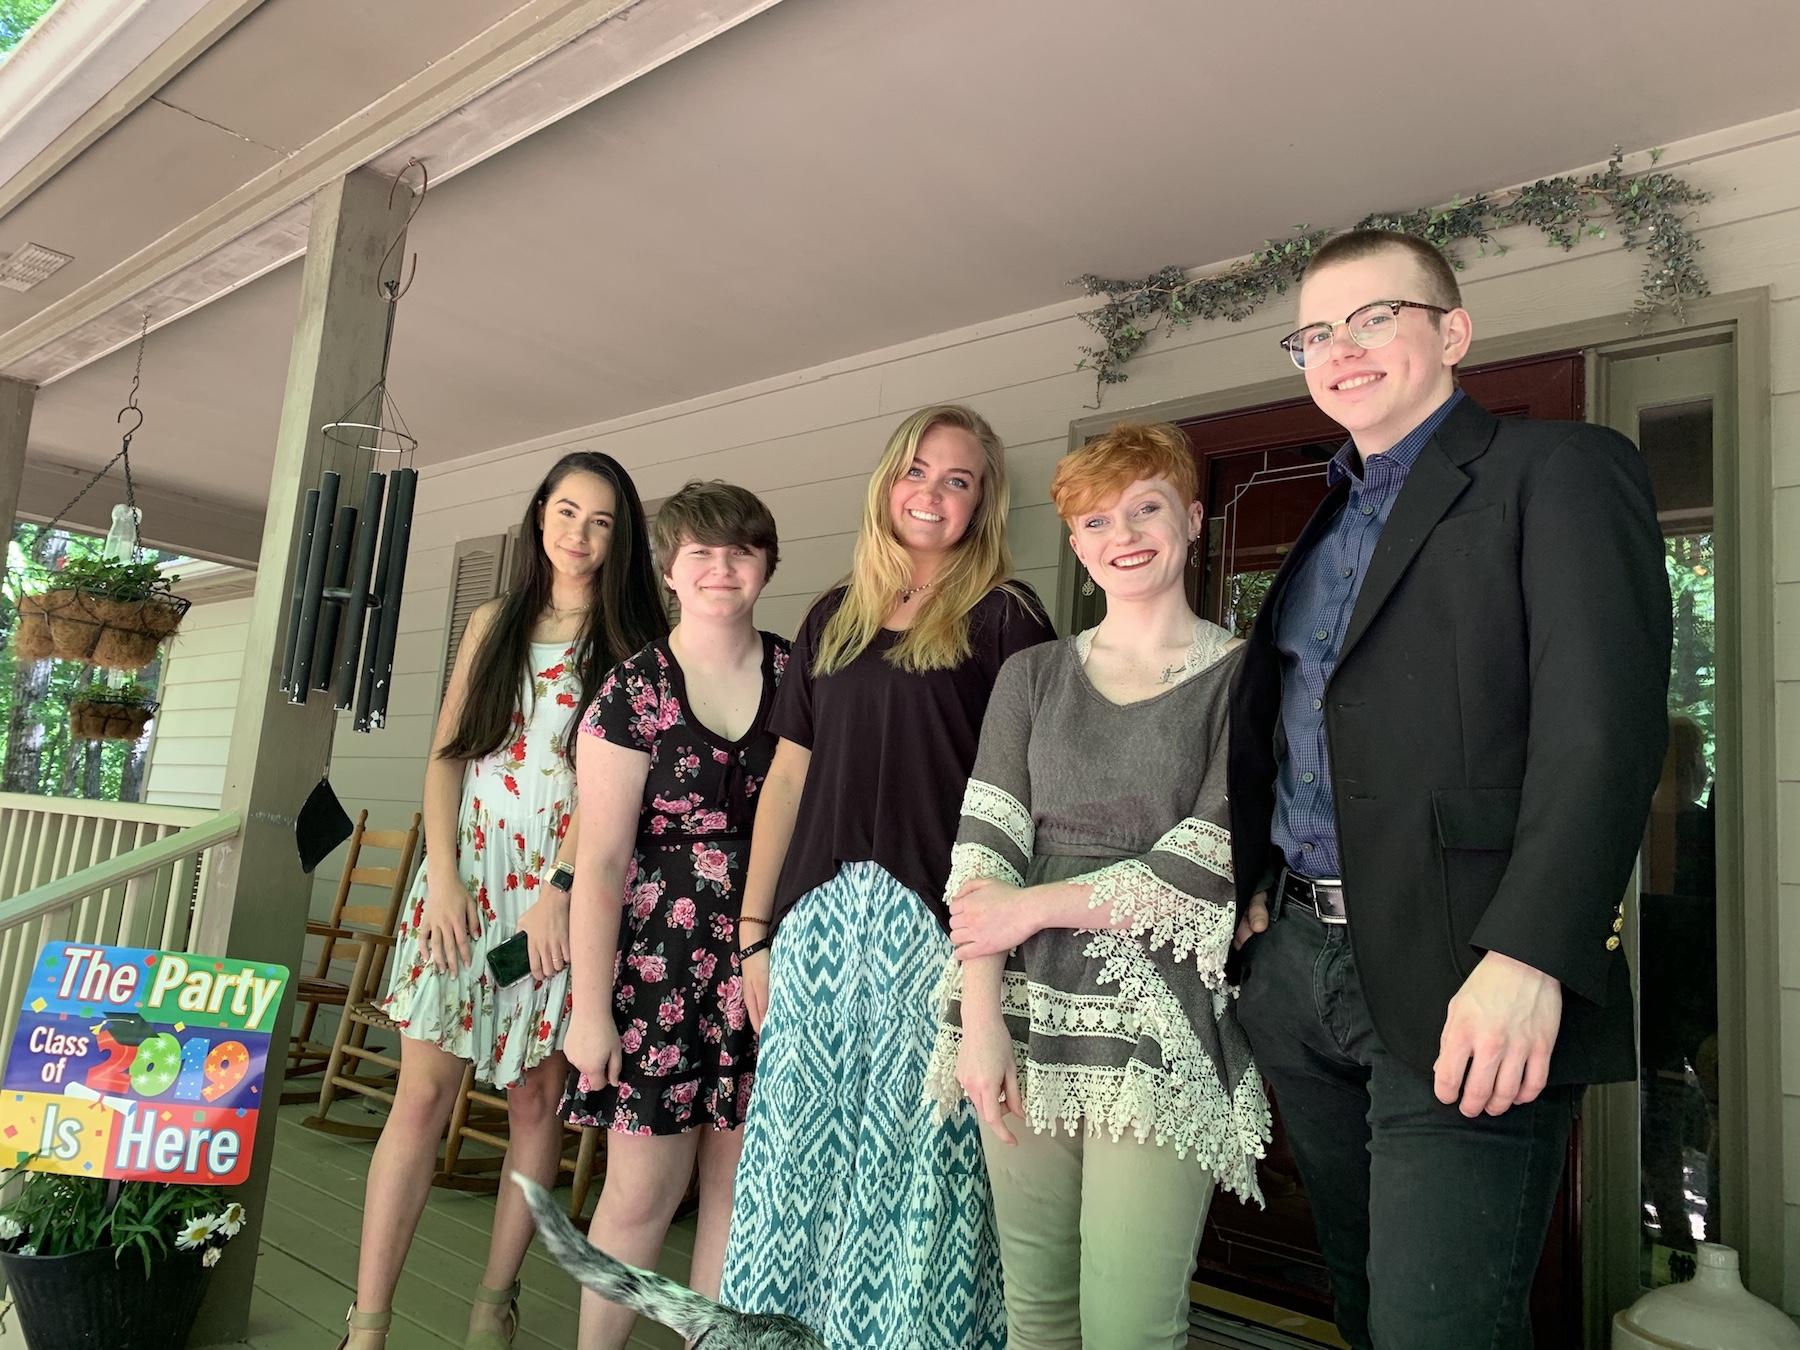 Senior brunch 2019 at Grams' house.